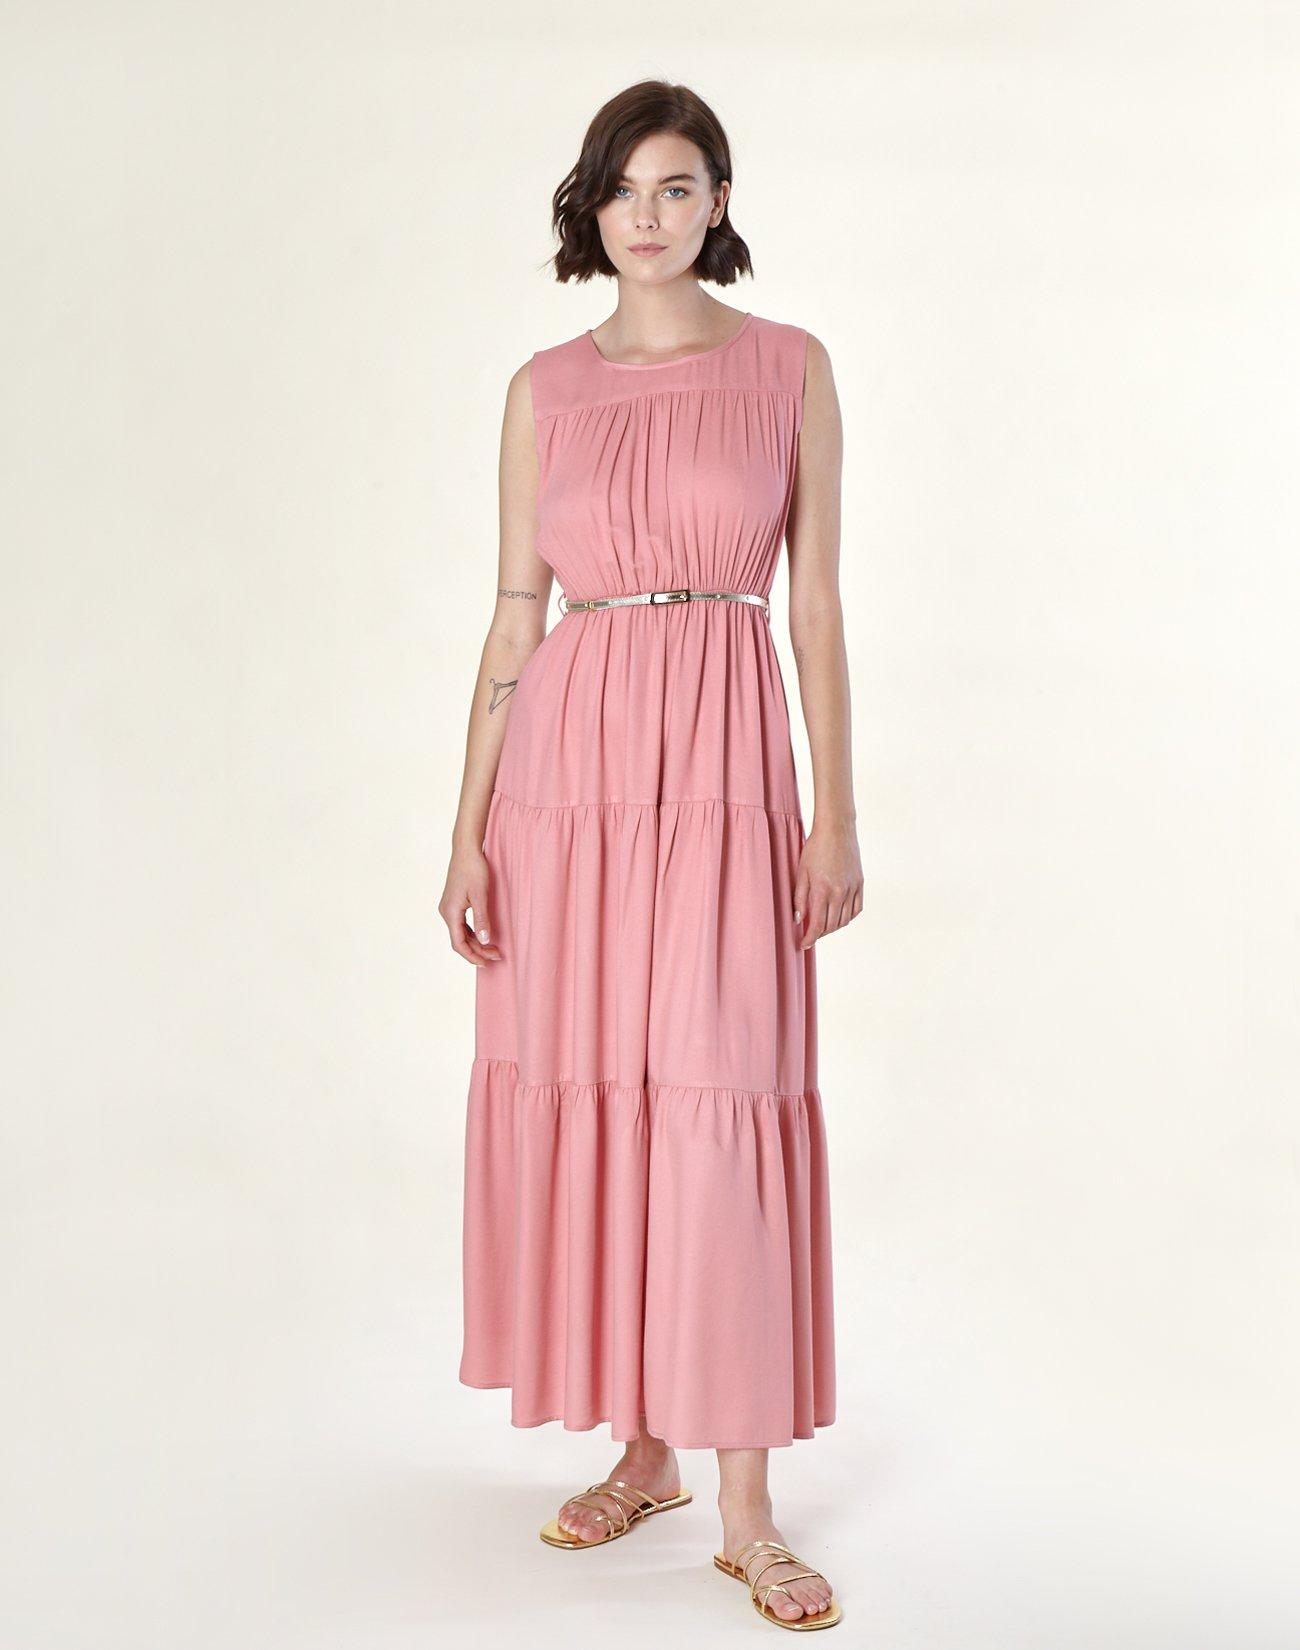 Μάξι φόρεμα με πιέτες